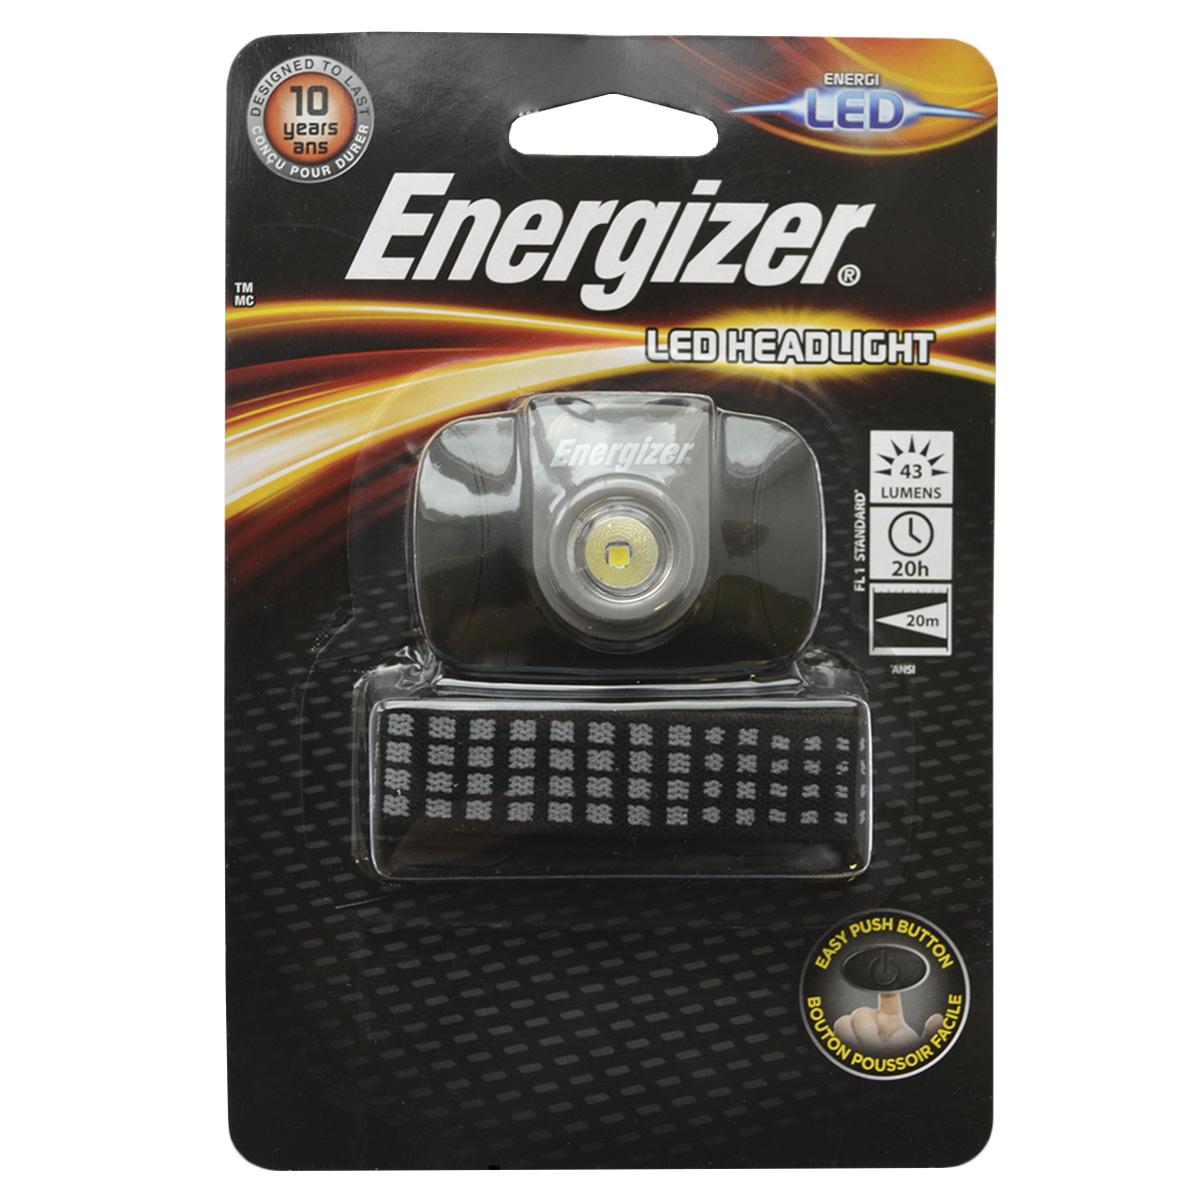 Фонарь налобный Energizer LED Headlight. E300371000E300371000Компактного размера Легкий для комфортного использования Регулируемый ремешок Удобный переключатель включения/выключения Решение на каждый день, позволяющее держать руки свободными Работает на 2 батарейках типоразмера AAA (входят в комплект)